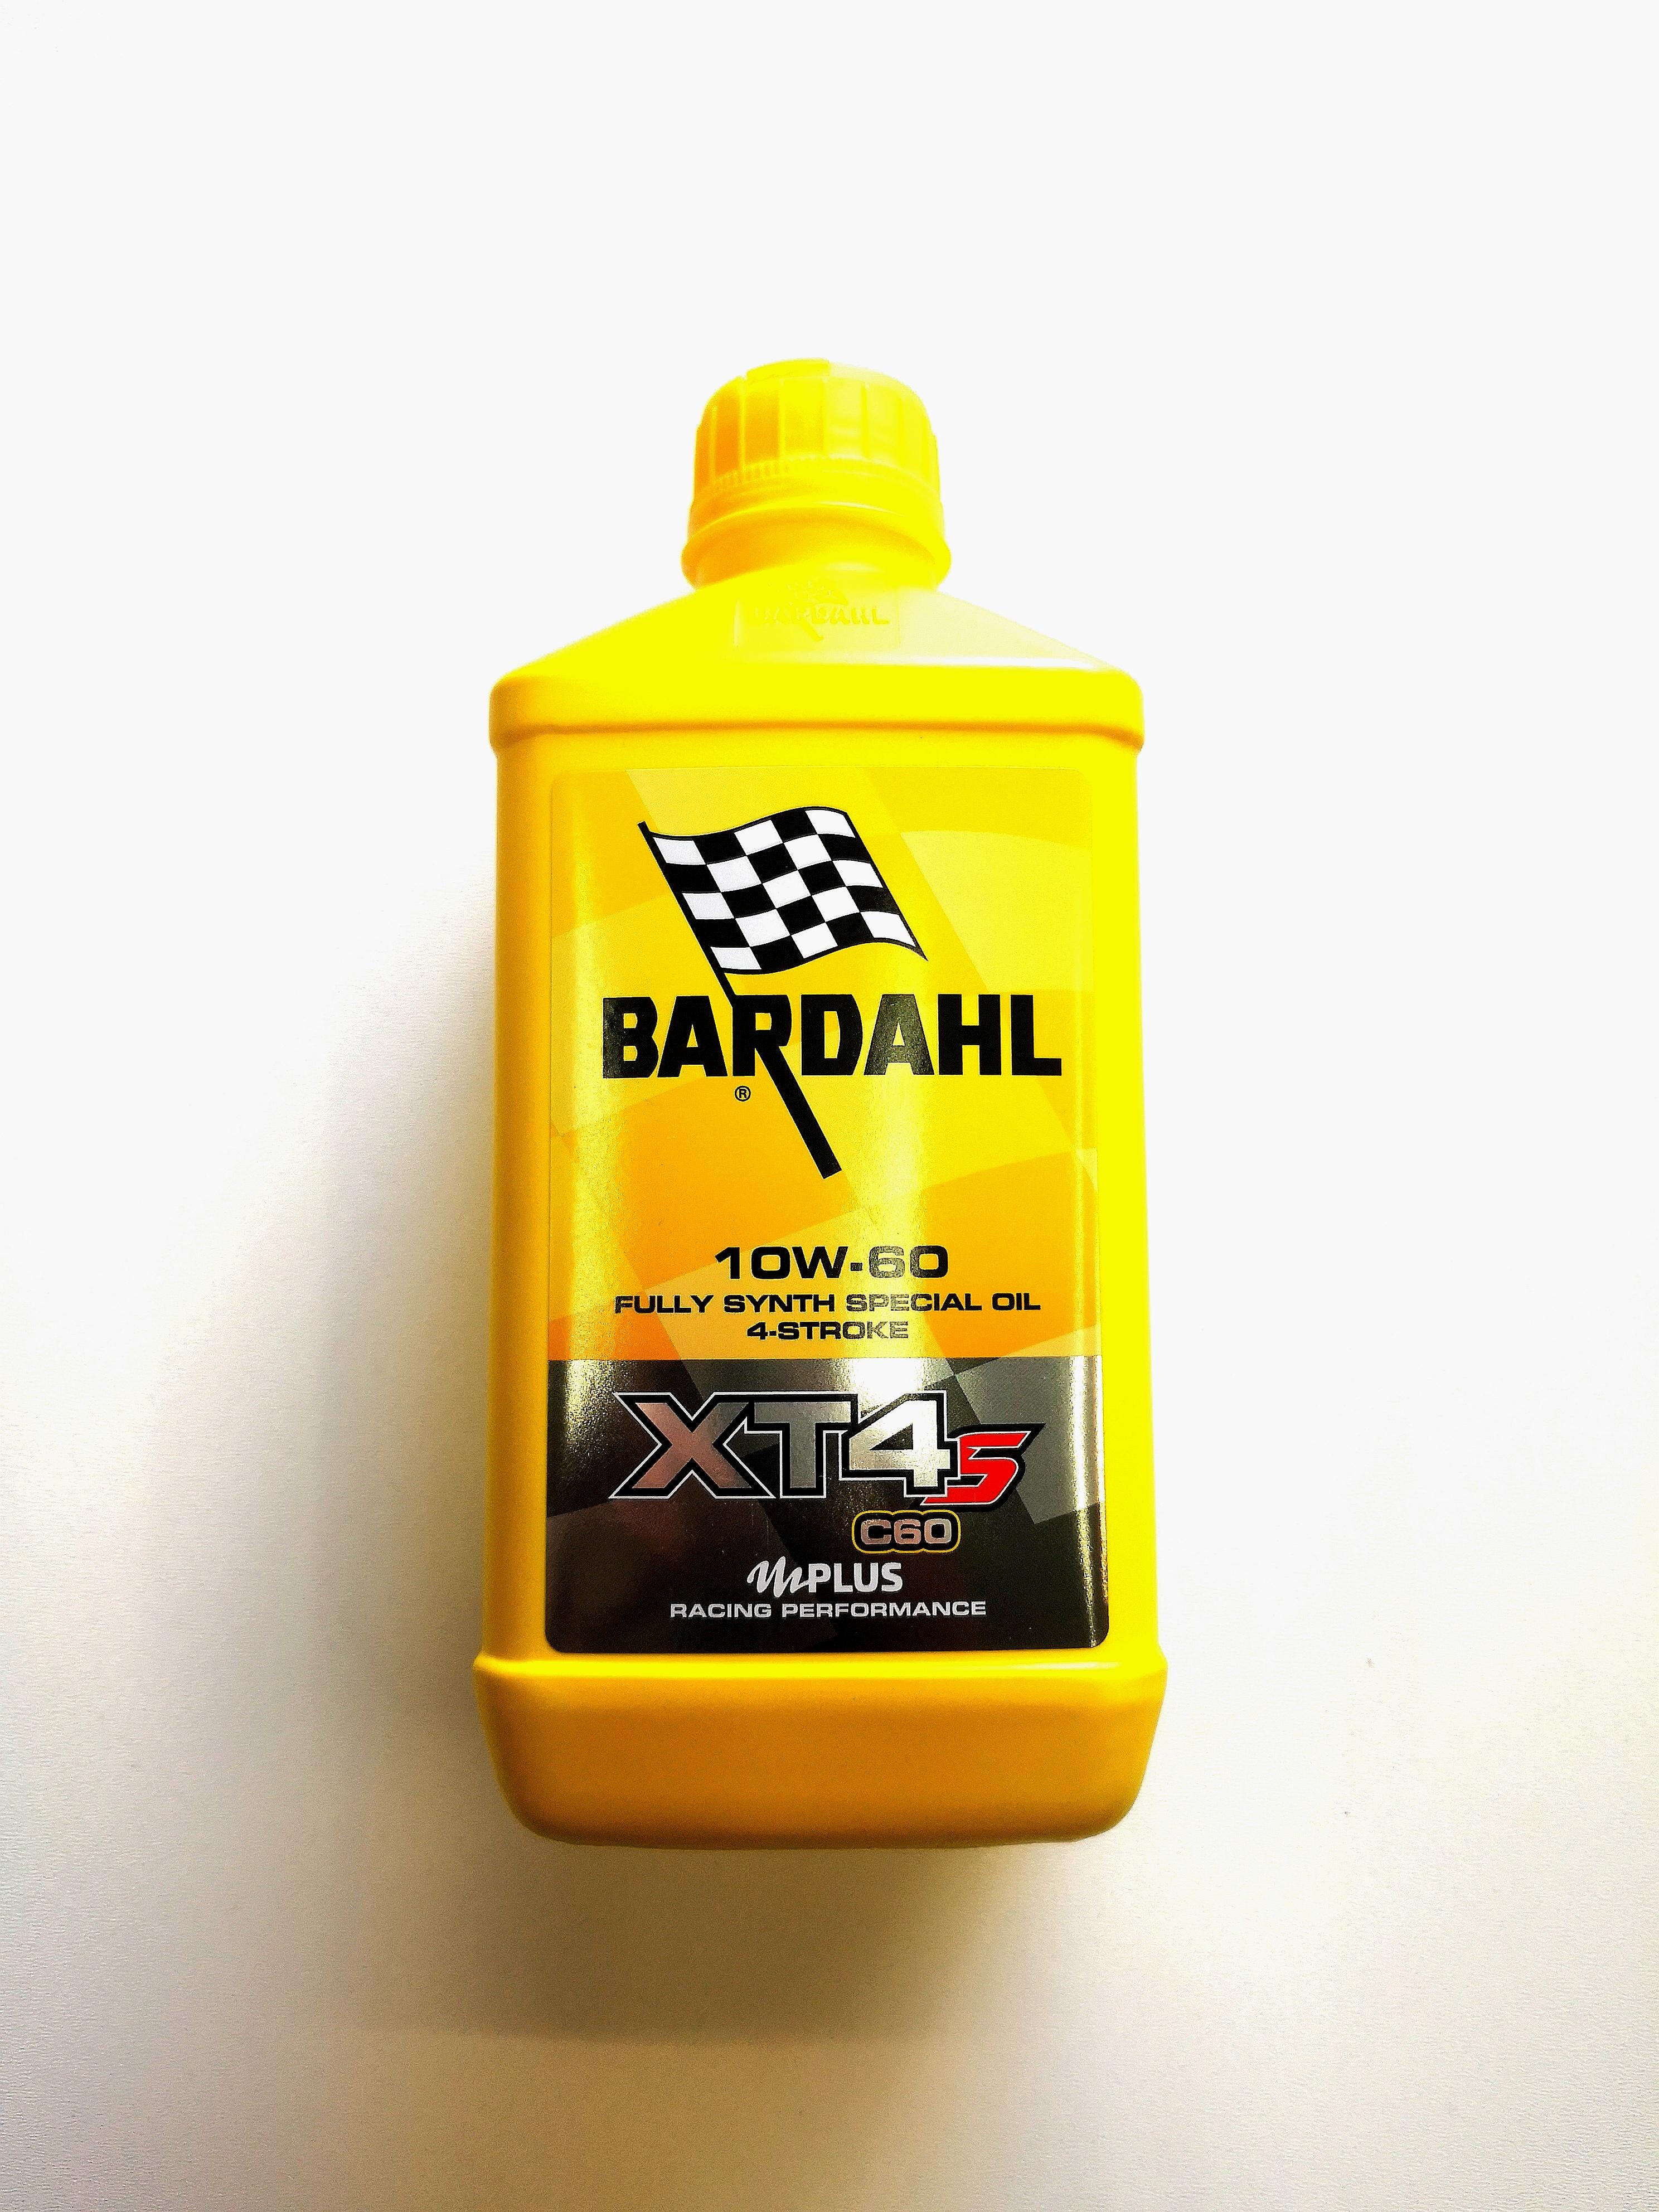 OLIO MOTORE BARDAHL XT-S C60 per MOTO e SCOOTER 4 TEMPI 100% SINTETICO SAE 10W60